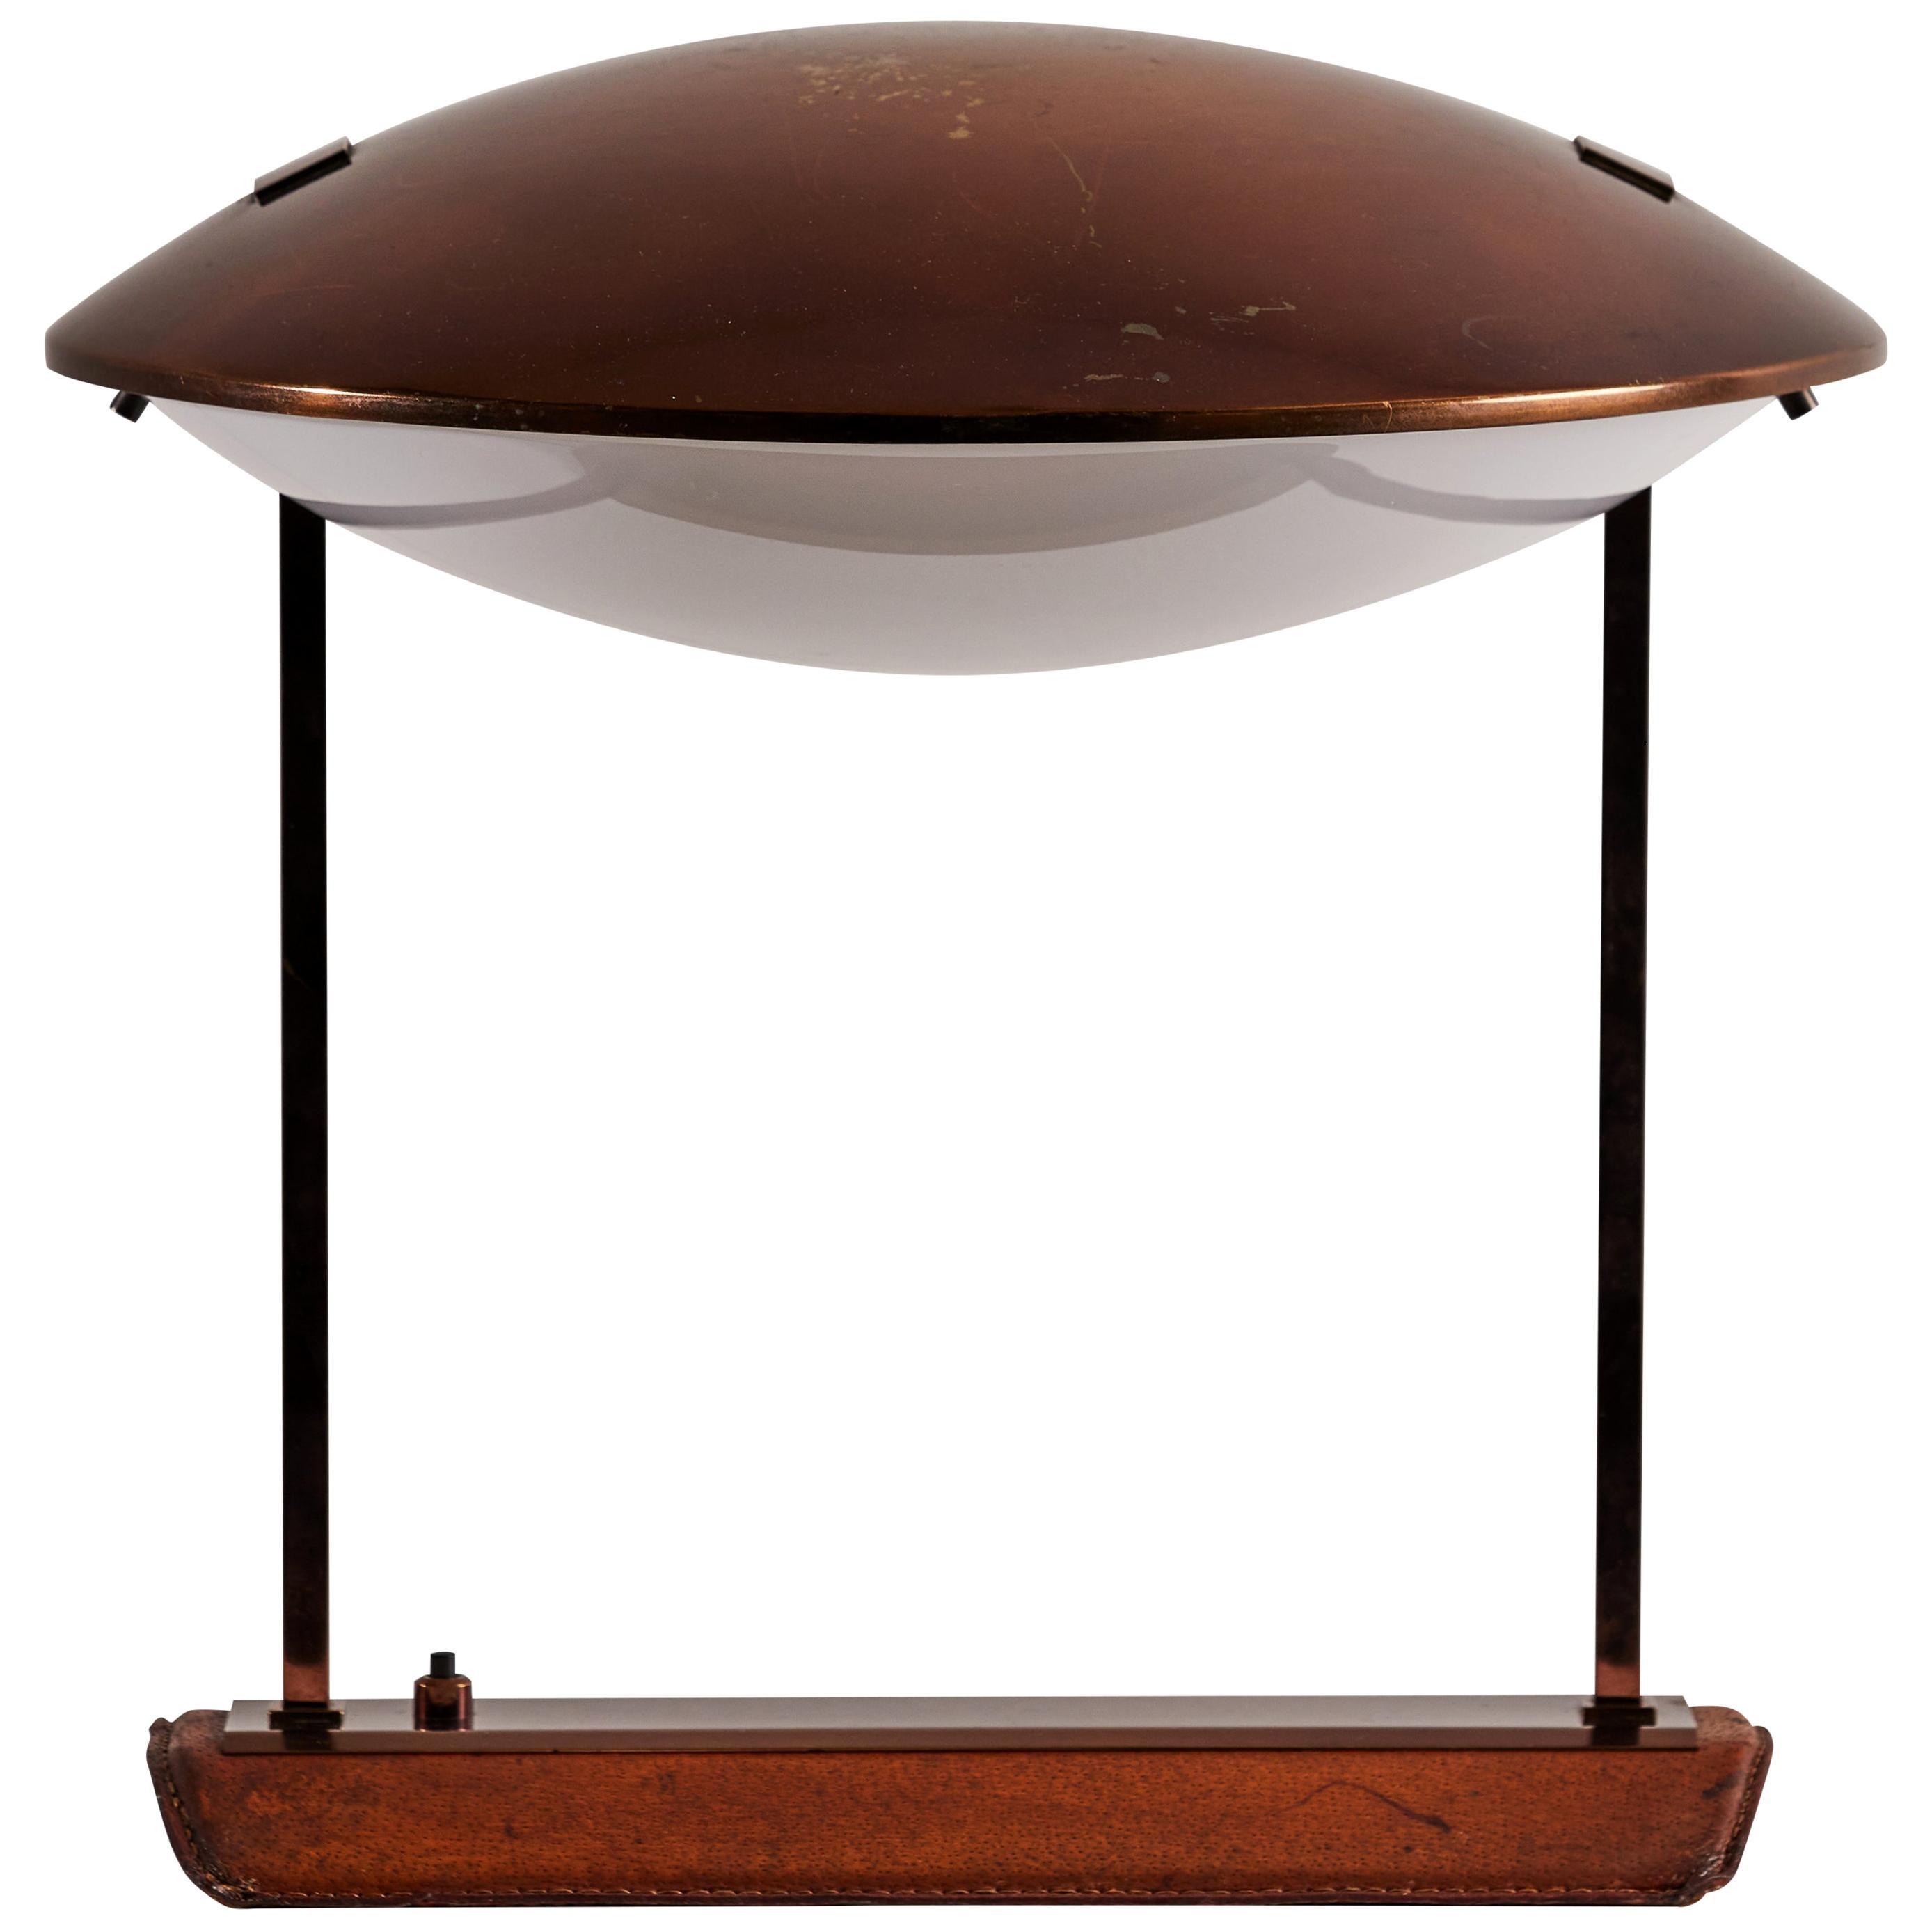 Model 8050 Table Lamp by Stilnovo